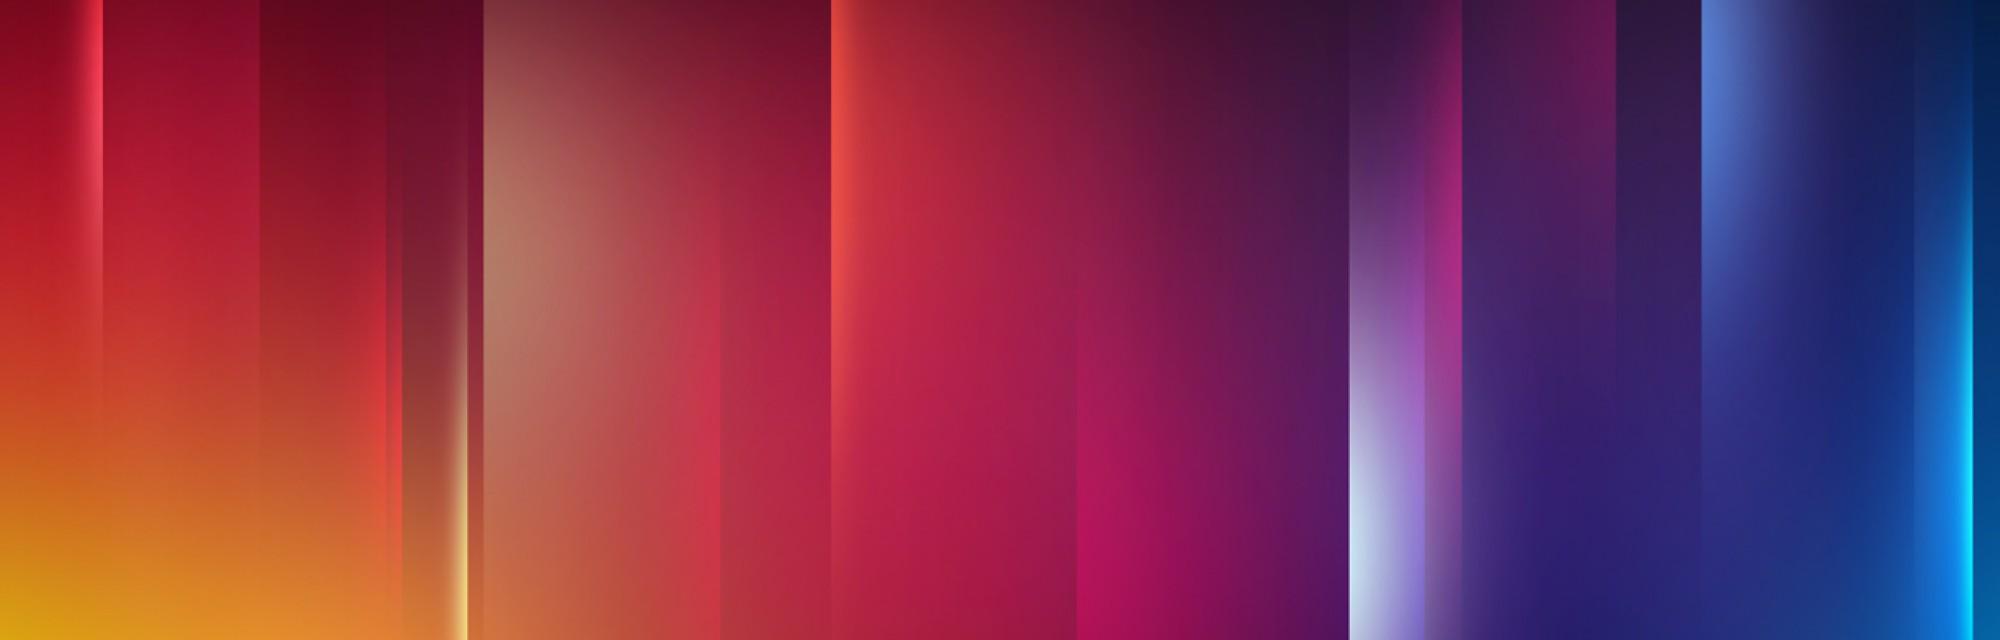 Ngjyra, baza dhe llaqe për secilën sipërfaqe